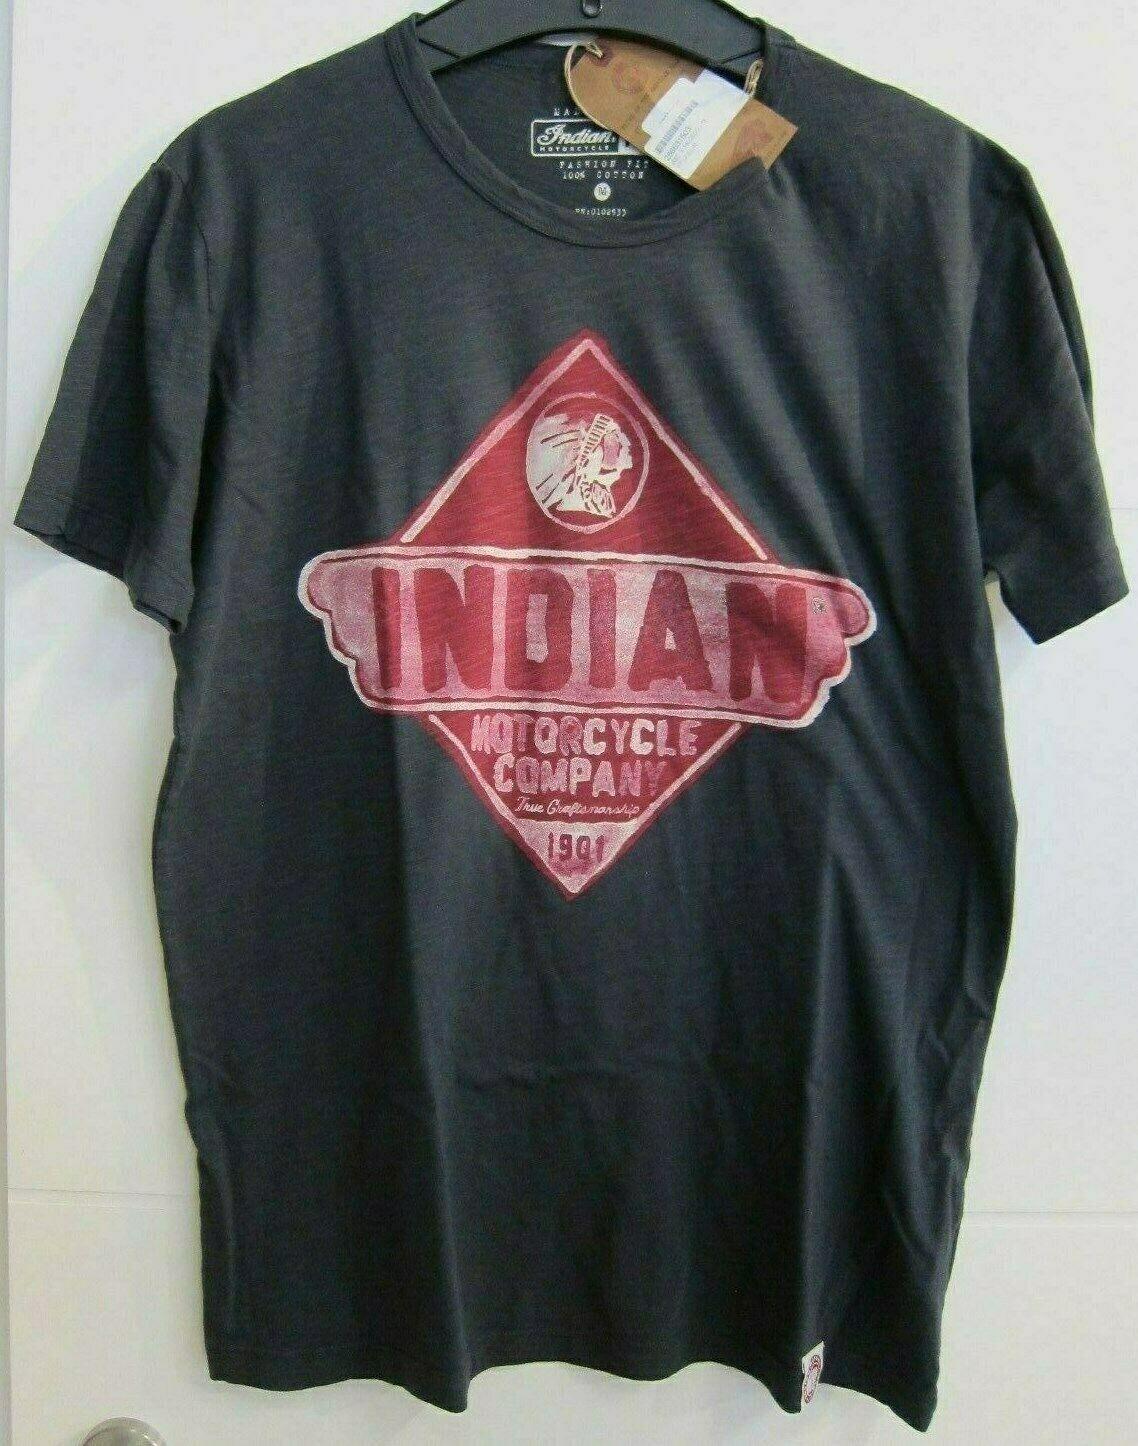 INDIAN Motorcycle Herren hemd grau 100% Baumwolle NEU  286631503 Gr. L